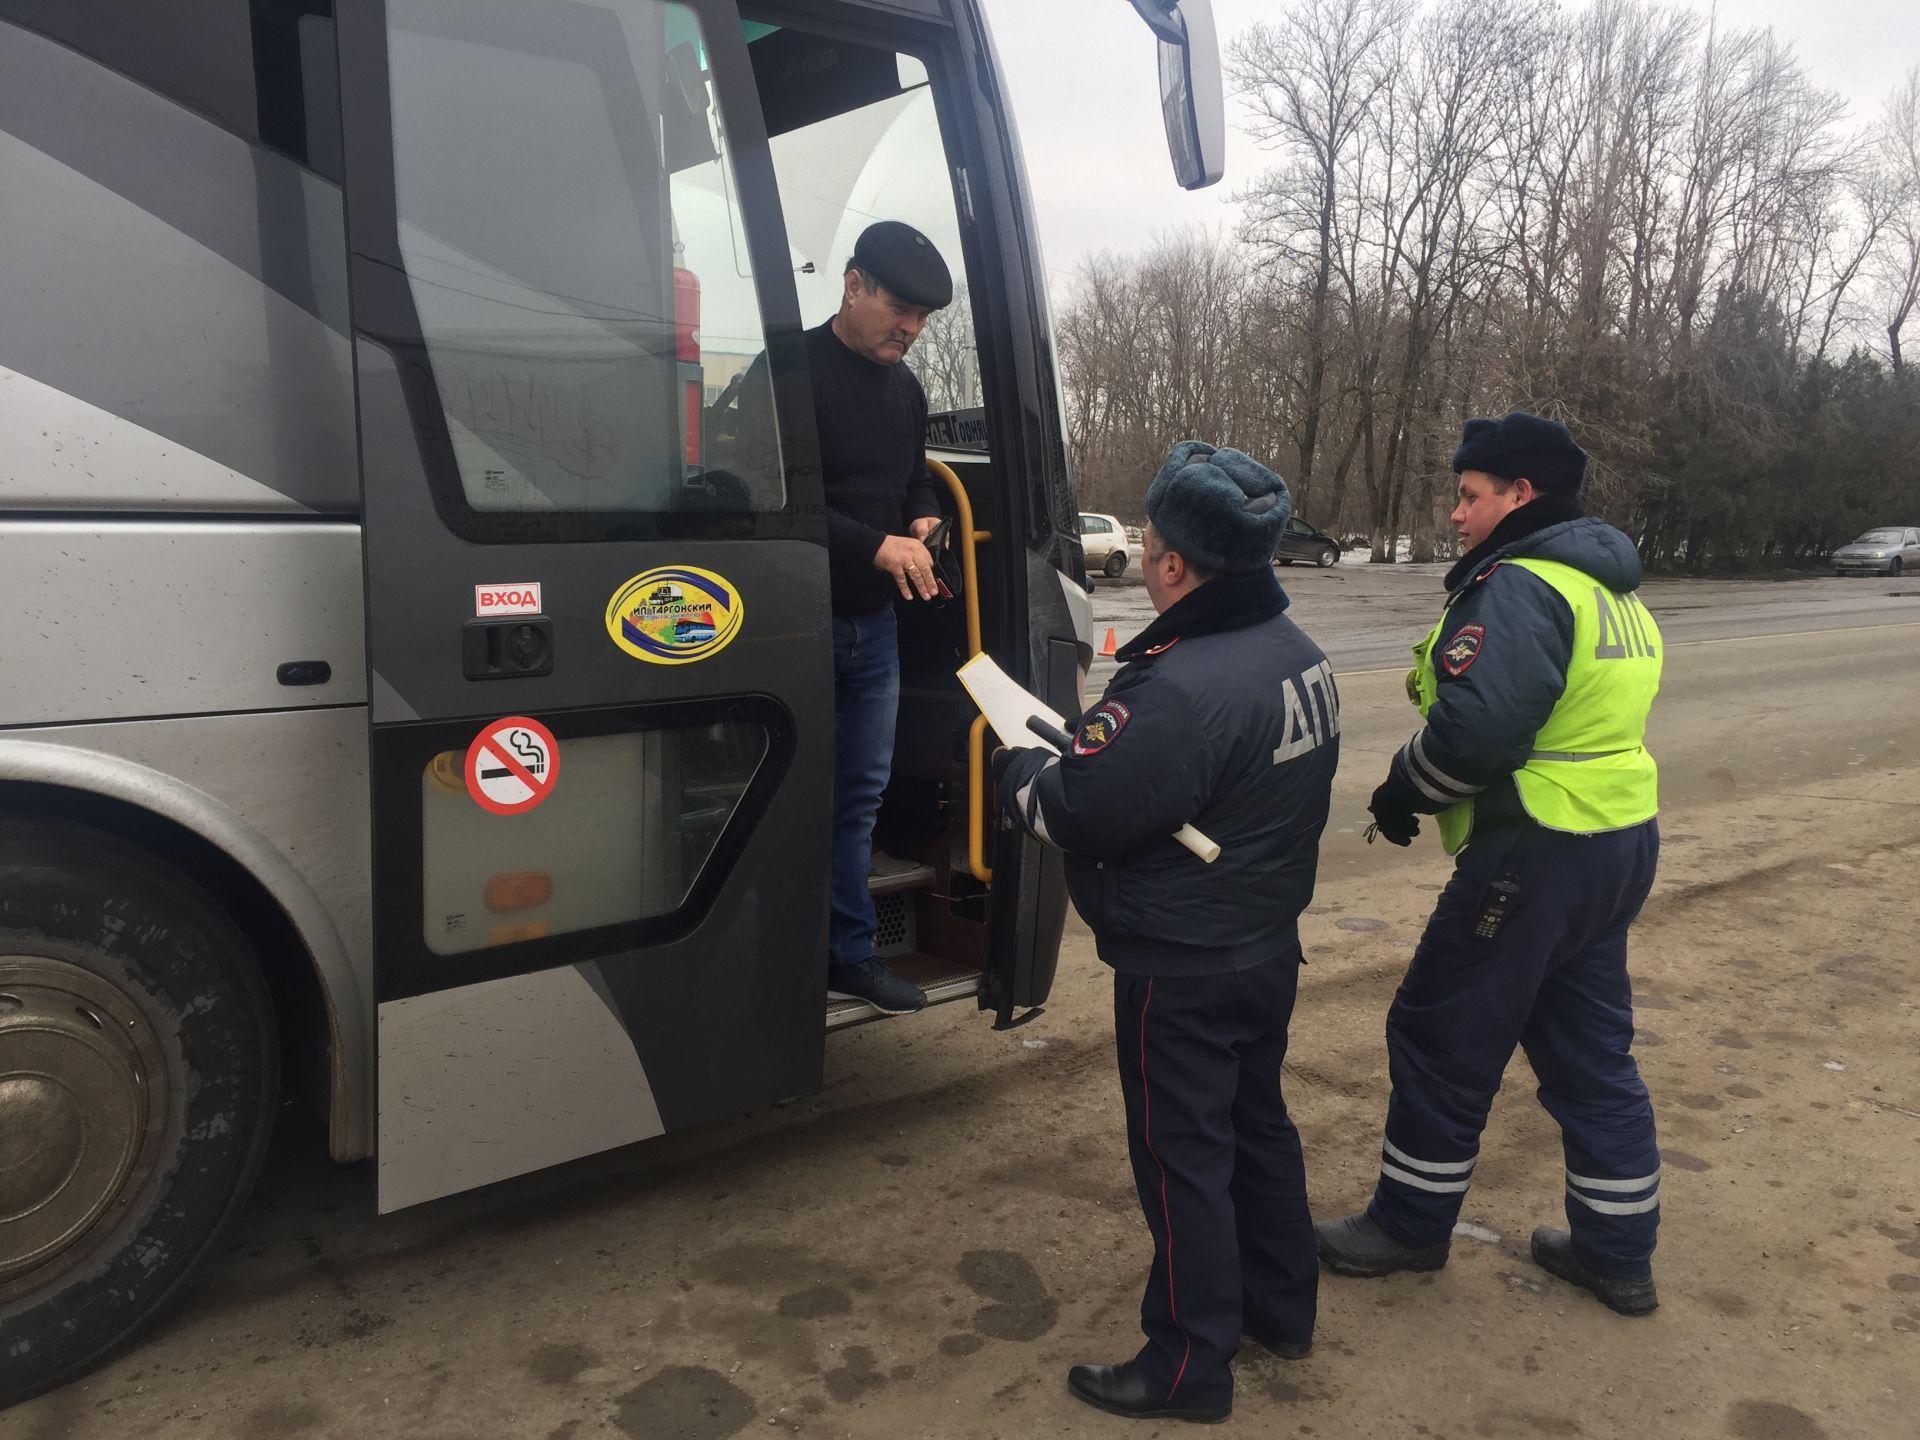 ГИБДД Новочеркасска зафиксировало десятки нарушений правил ПДД